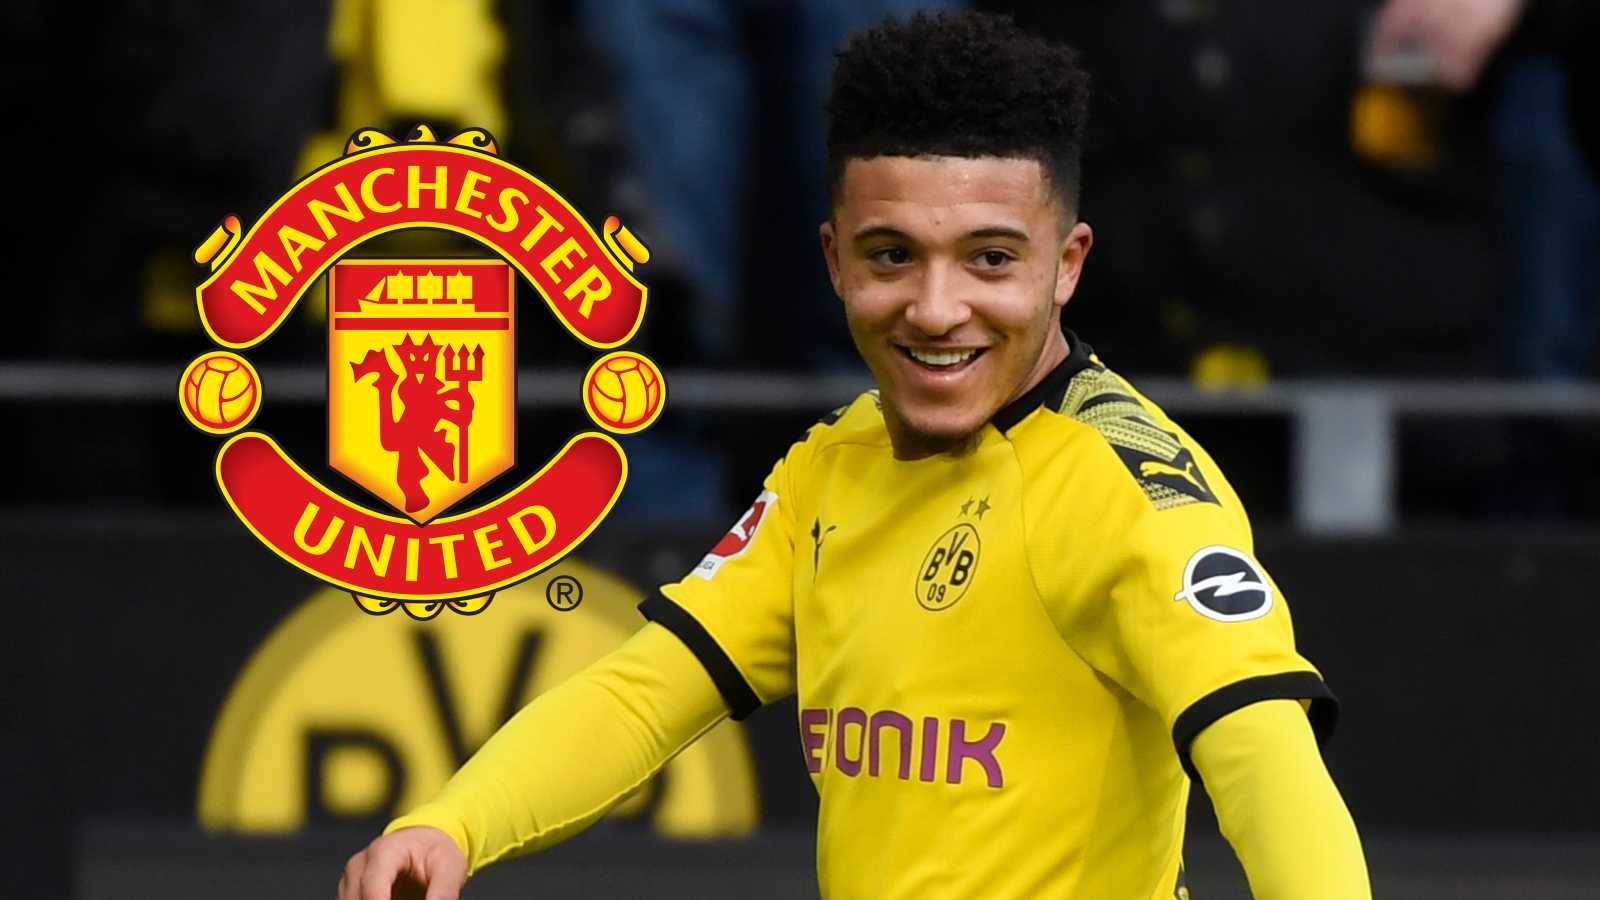 Manchester United prêt à passer à l'offensive pour Sancho